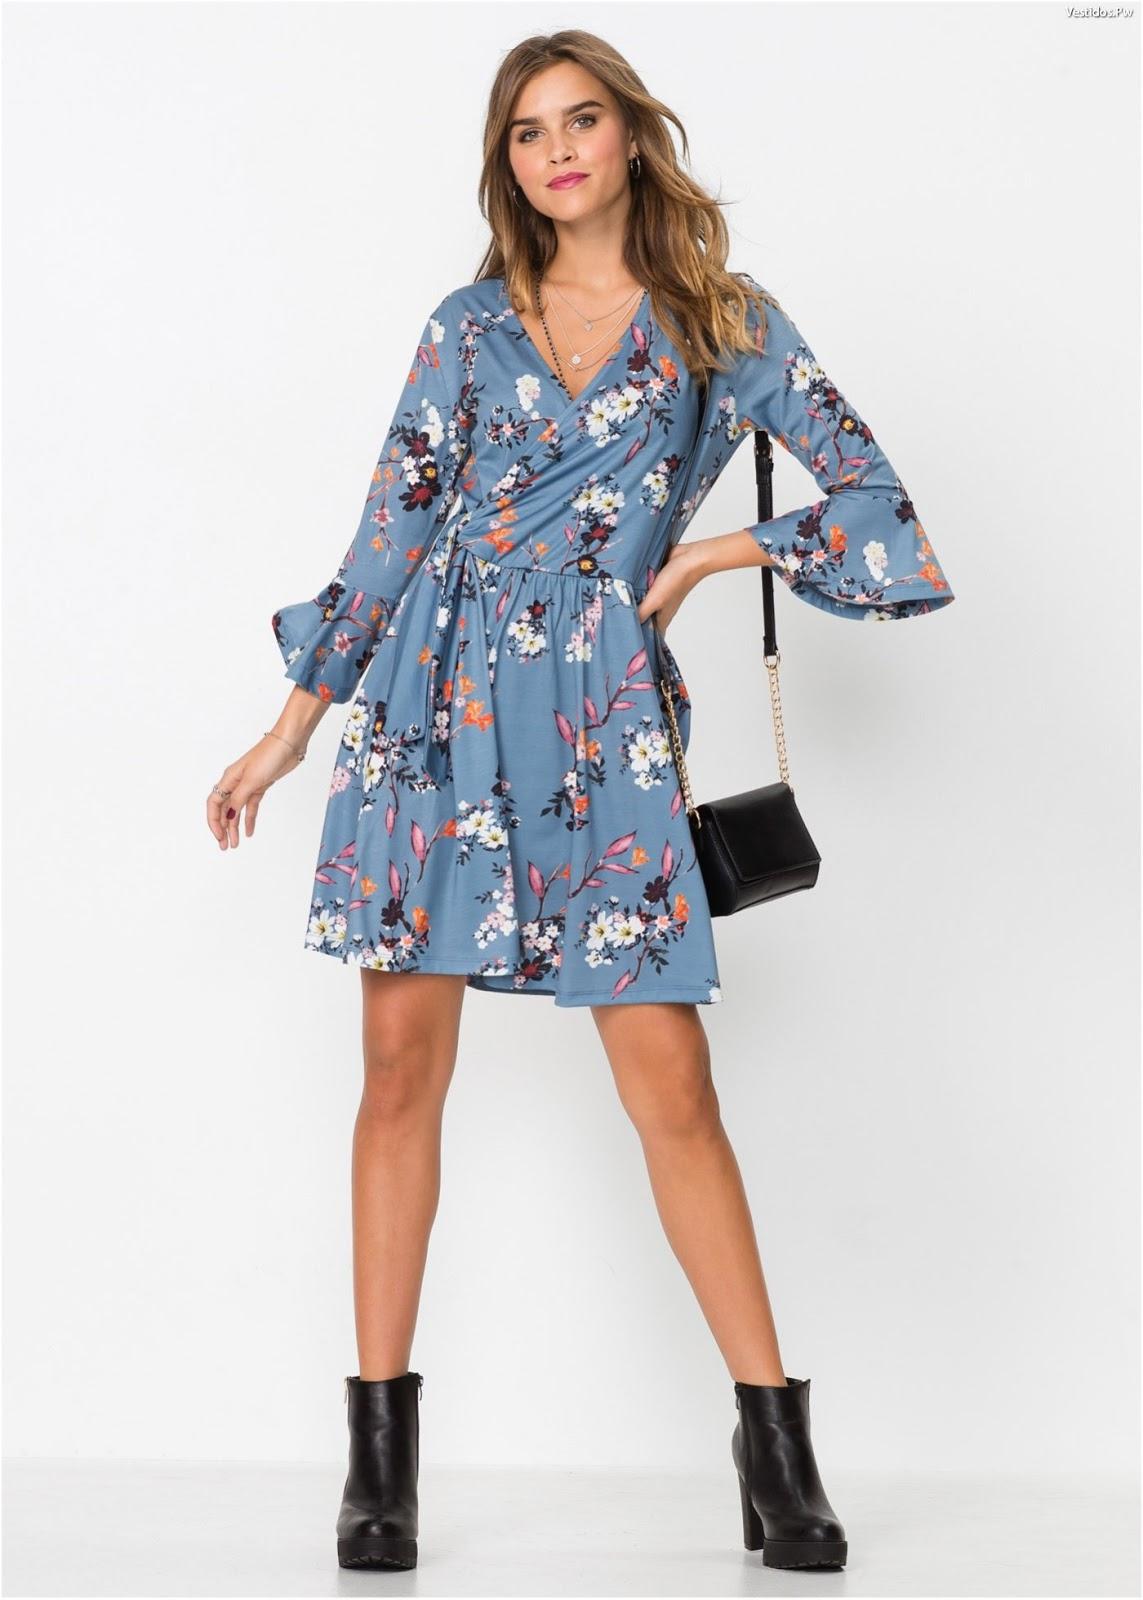 nuevo concepto 8e90c 9eb29 80 Ideas de Vestidos Juveniles: De Moda para Fiesta, Cortos ...